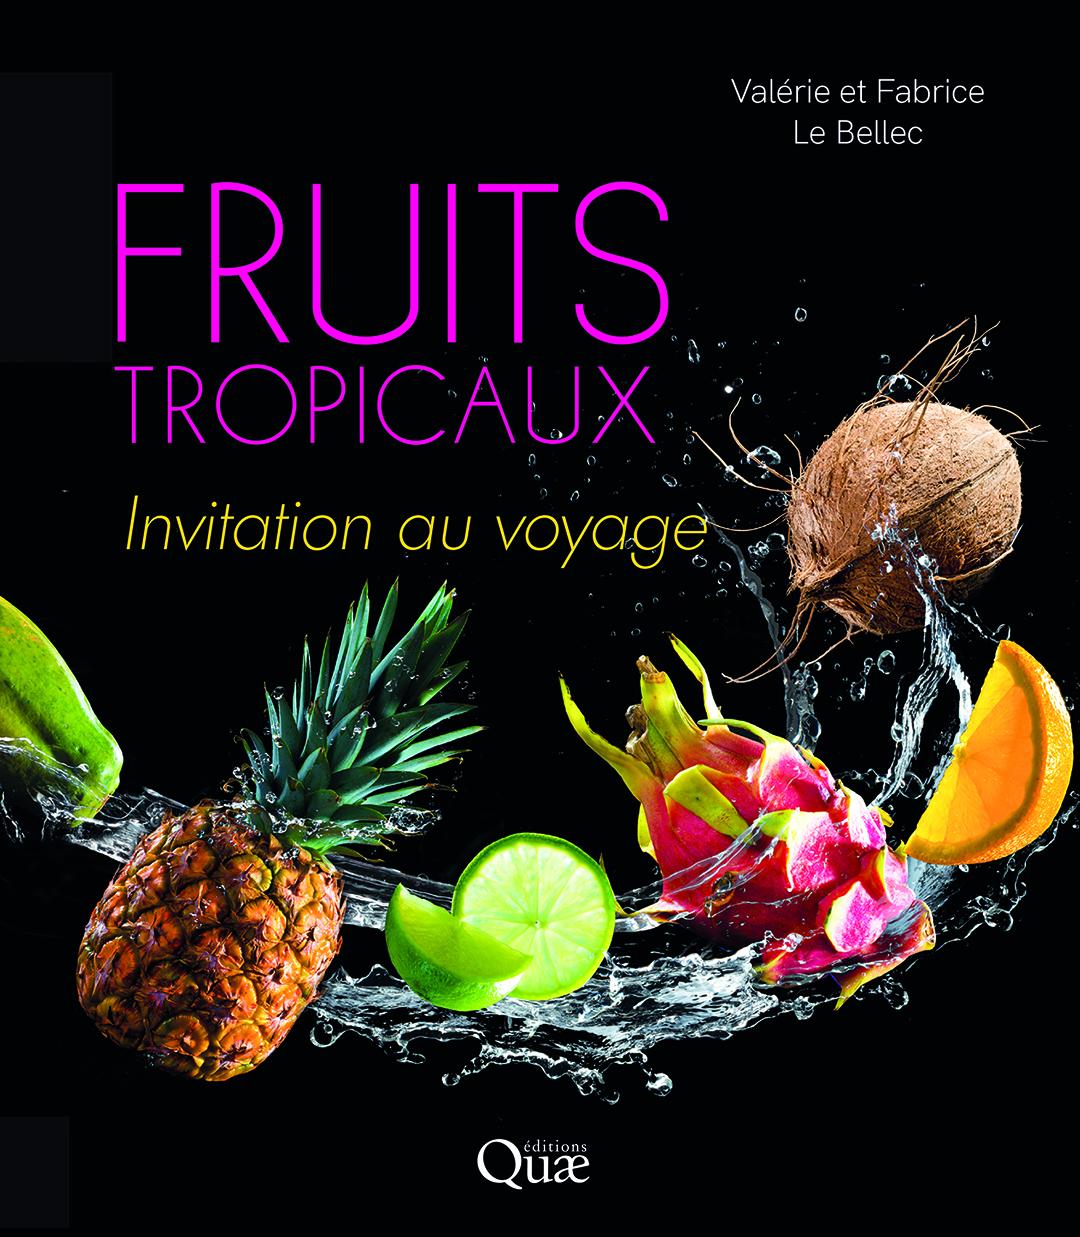 « Fruits tropicaux. Invitation au voyage », de Valérie et Fabrice Le Bellec, Editions Quae, 172 pages, 25 euros.